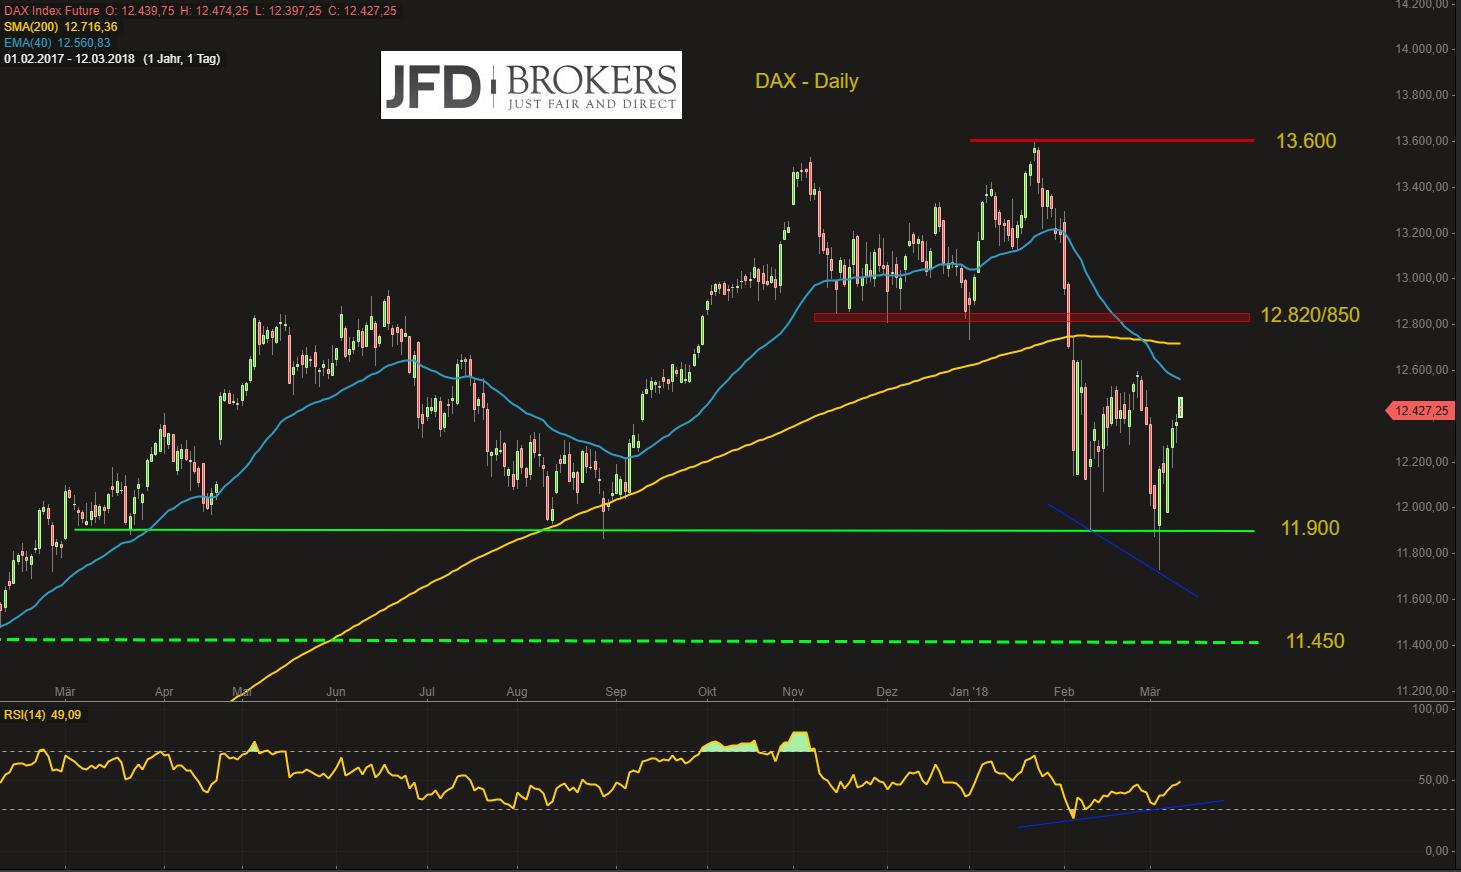 Hexen-voraus-DAX-positiv-in-die-neue-Woche-doch-12-500-zunächst-unüberwindbar-Kommentar-JFD-Brokers-GodmodeTrader.de-2